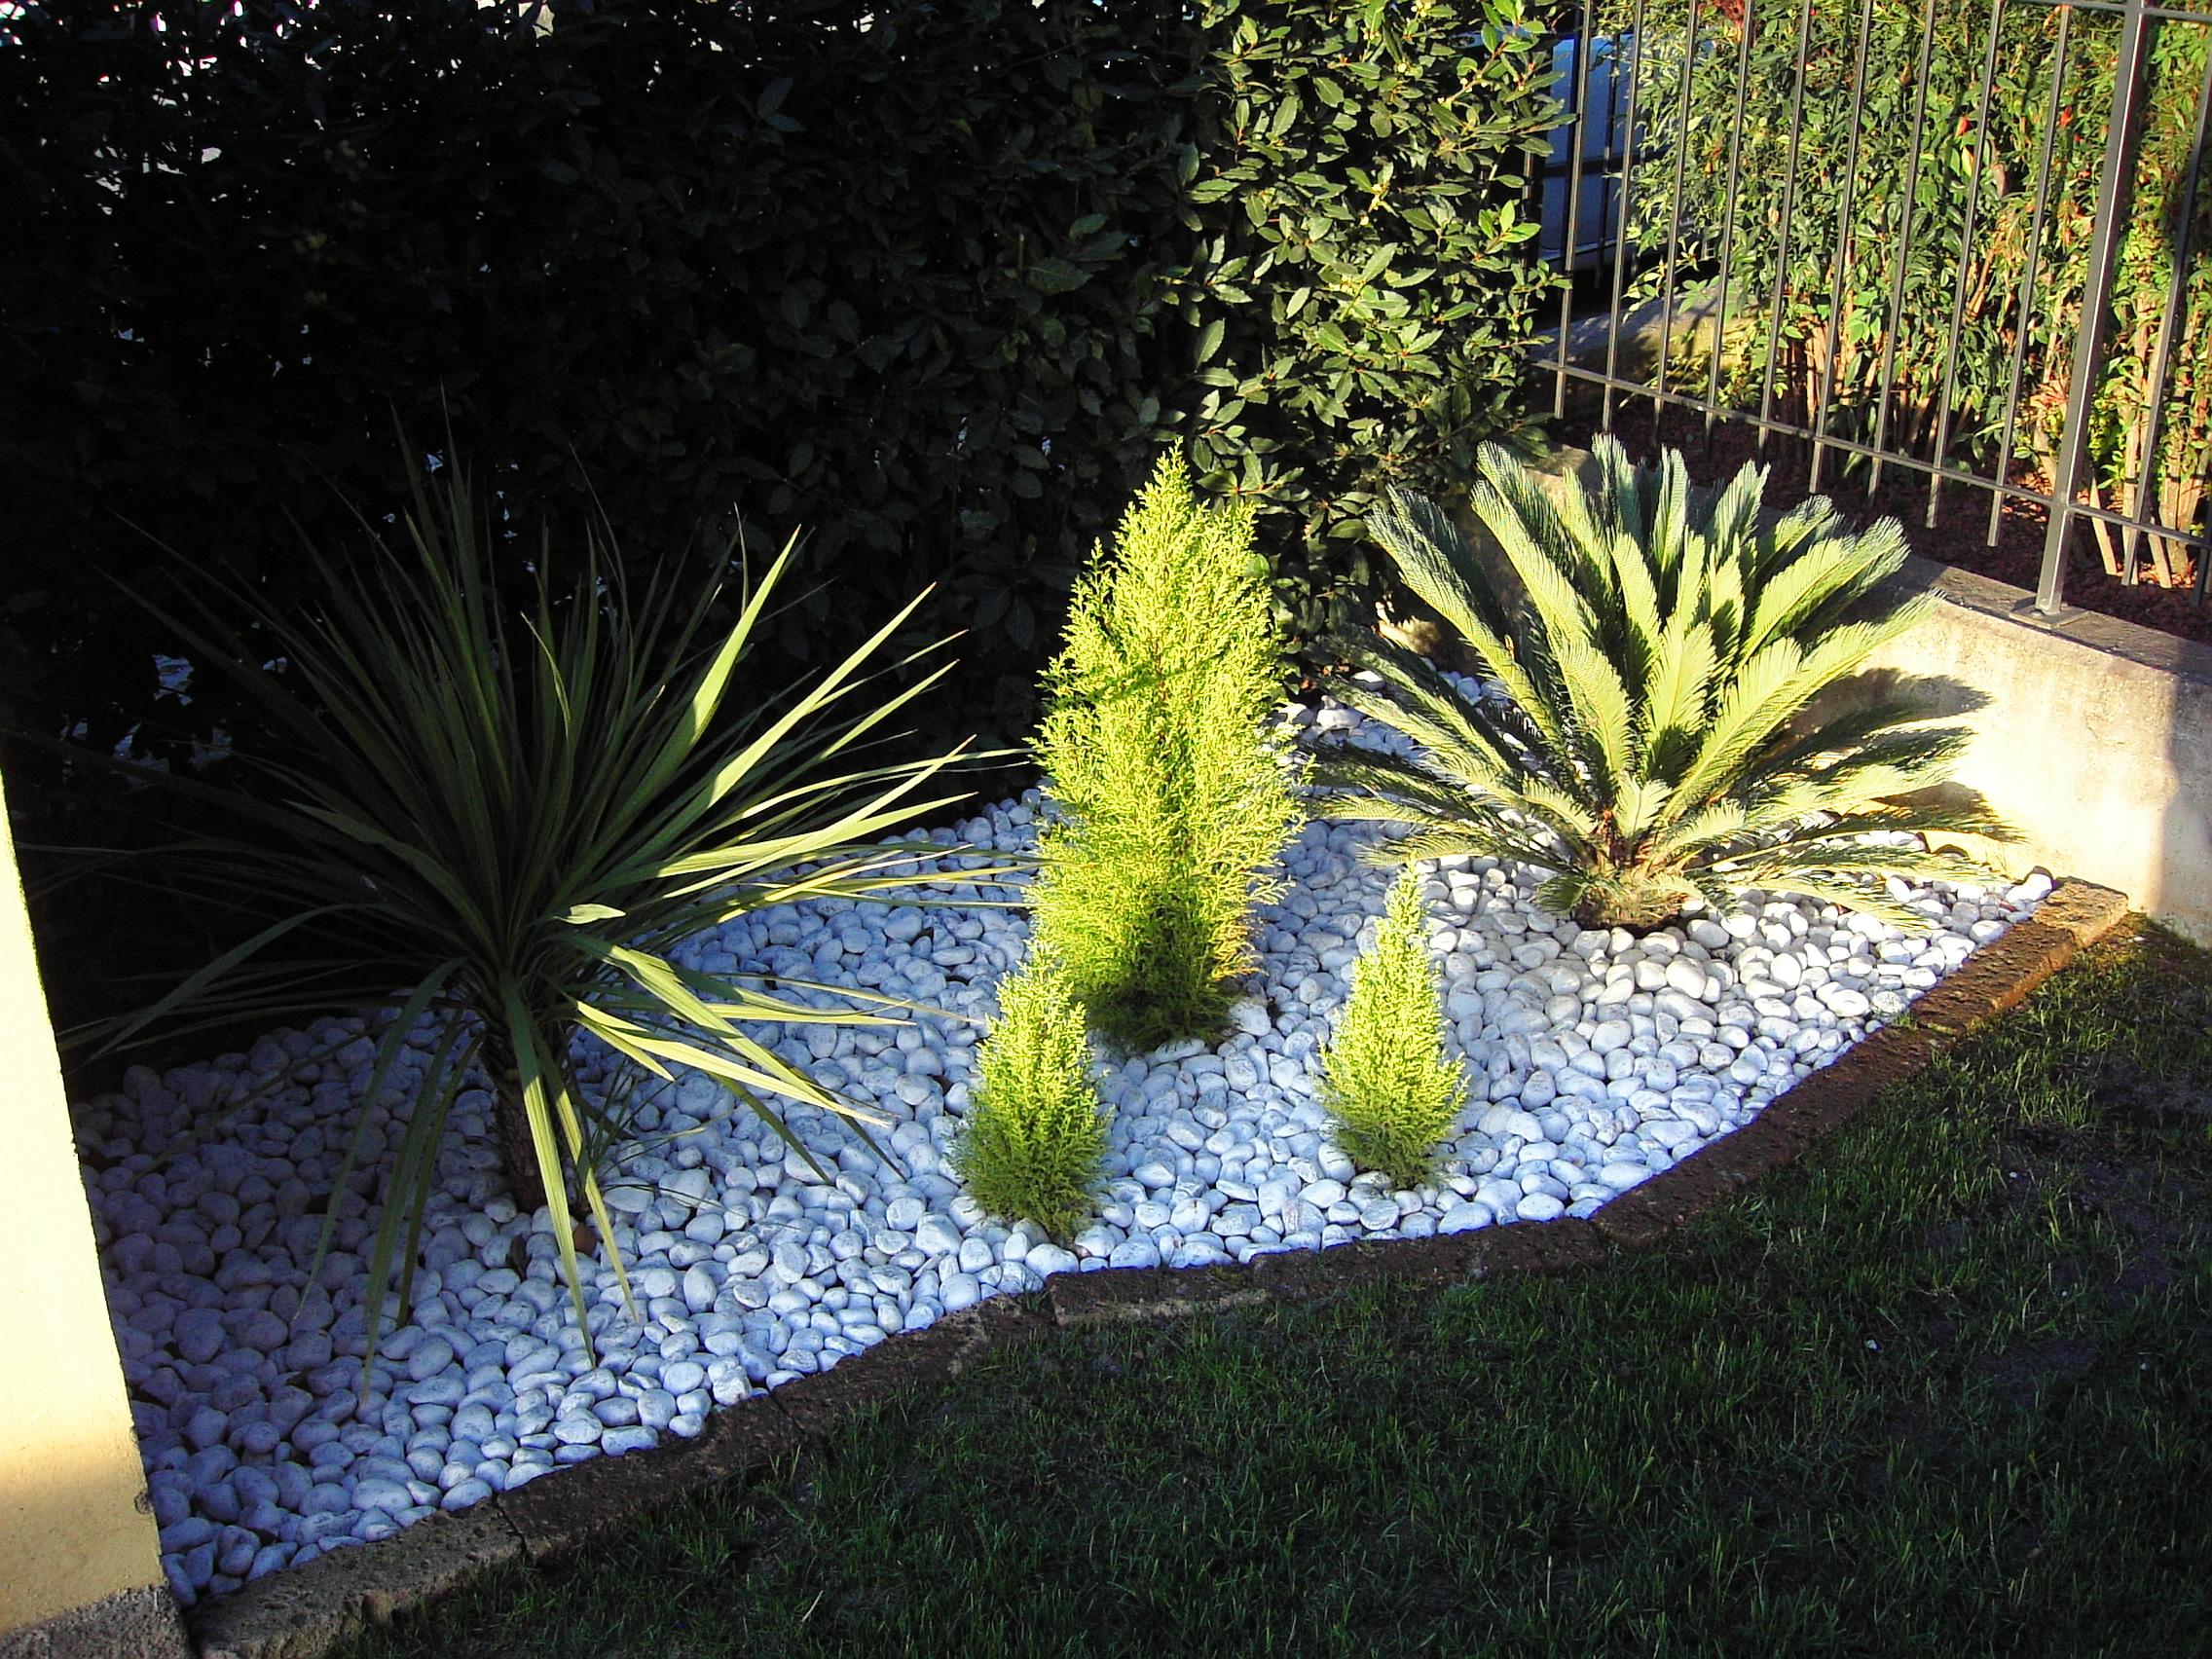 B b giardini - Giardino con sassi bianchi ...